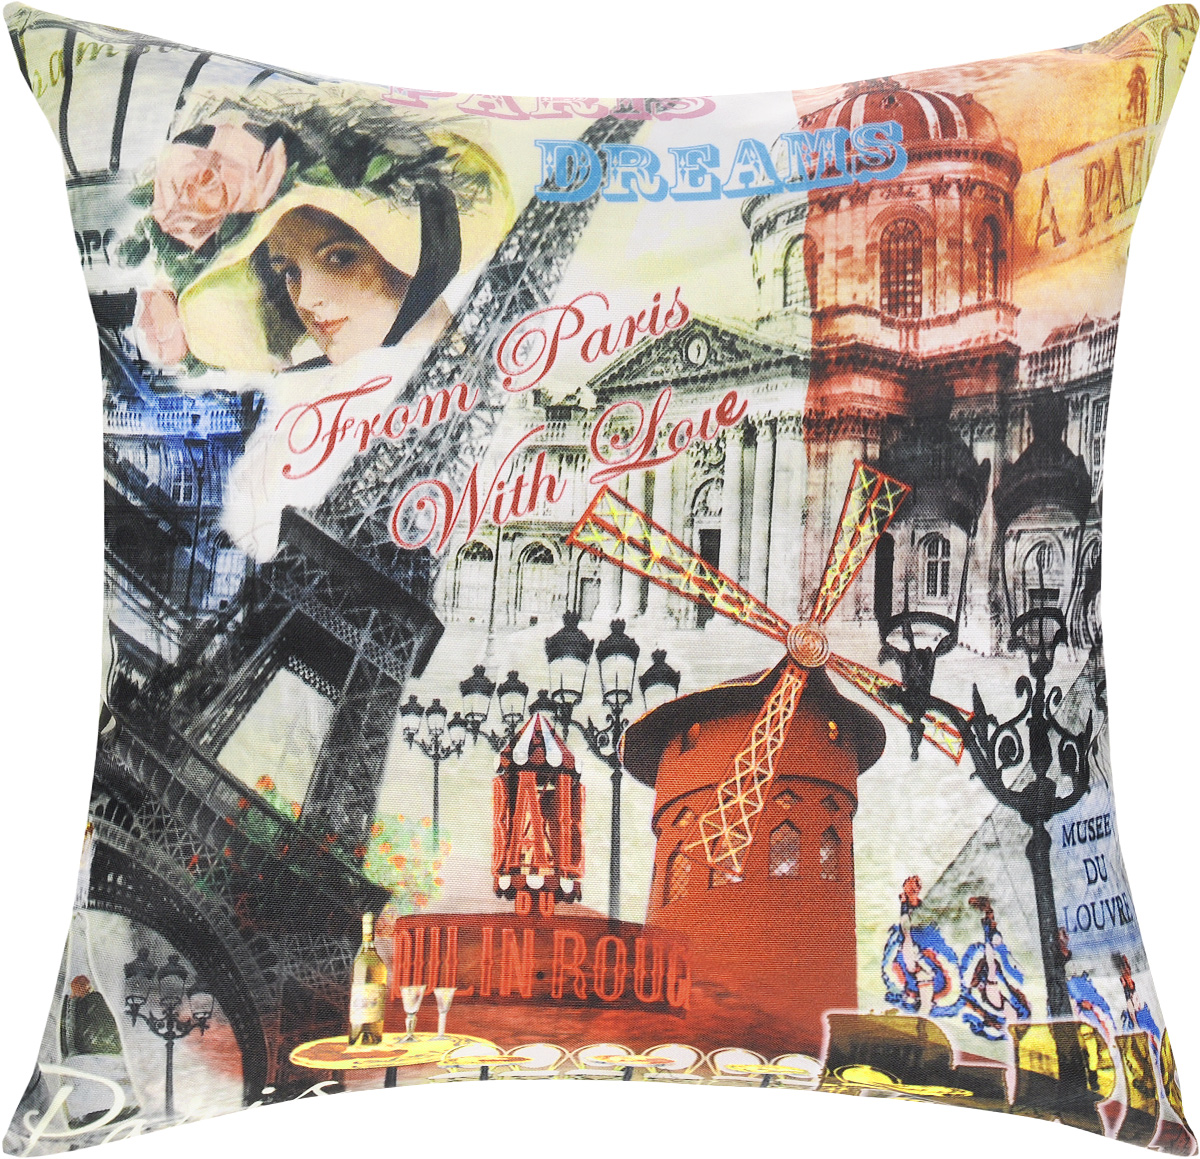 Подушка декоративная GiftnHome Парижские фантазии, 40 х 40 cмPLW-OXF-40 PDreamДекоративная подушка GiftnHome Парижские фантазии - это яркое украшение вашего дома. Чехол выполнен из ткани Оксфорд и украшен красочным изображением. Внутренний наполнитель подушки - холлофайбер. Чехол застегивается на молнию.Красивая подушка создаст в доме уют и станет прекрасным элементом декора.